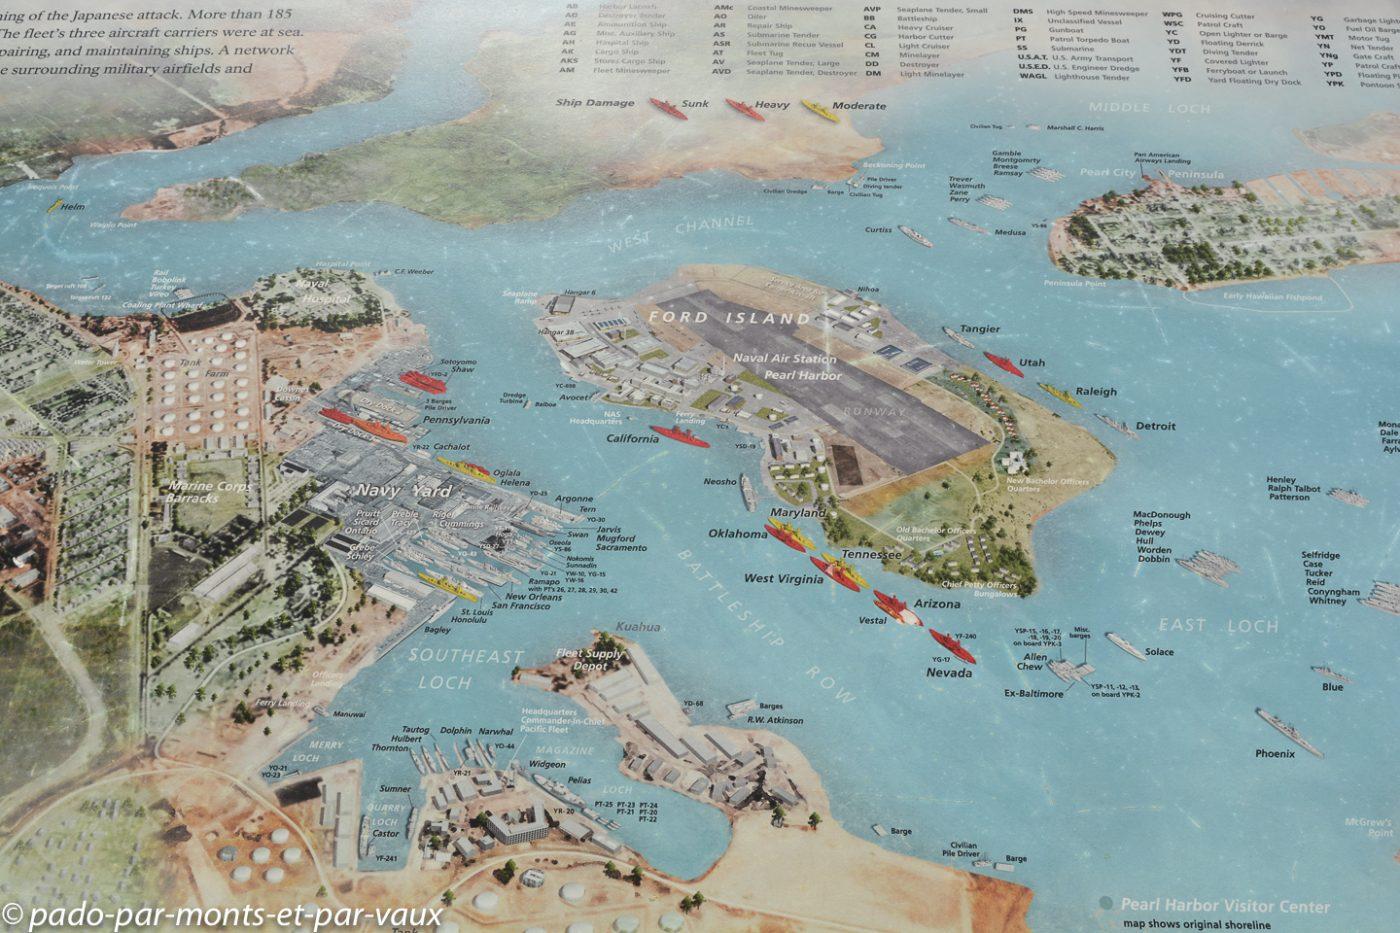 Honolulu - Pearl Harbor